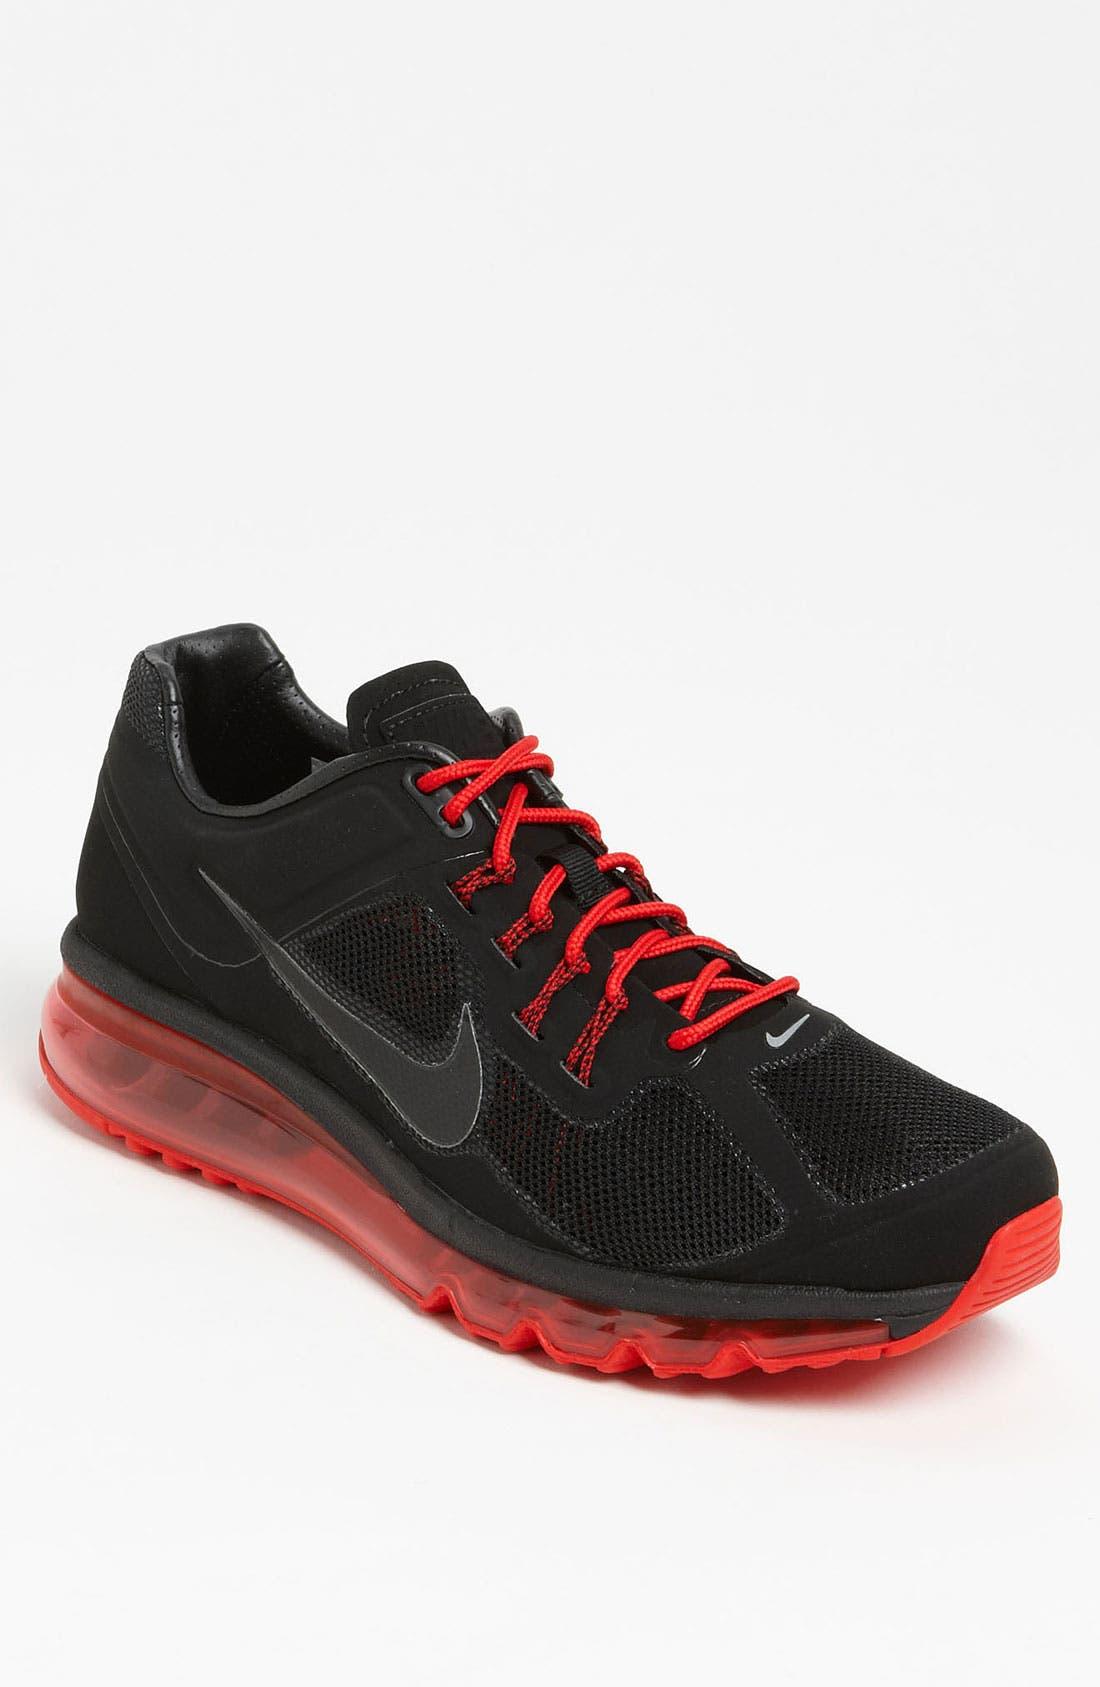 Alternate Image 1 Selected - Nike 'Air Max+ 2013 EXT' Running Shoe (Men)